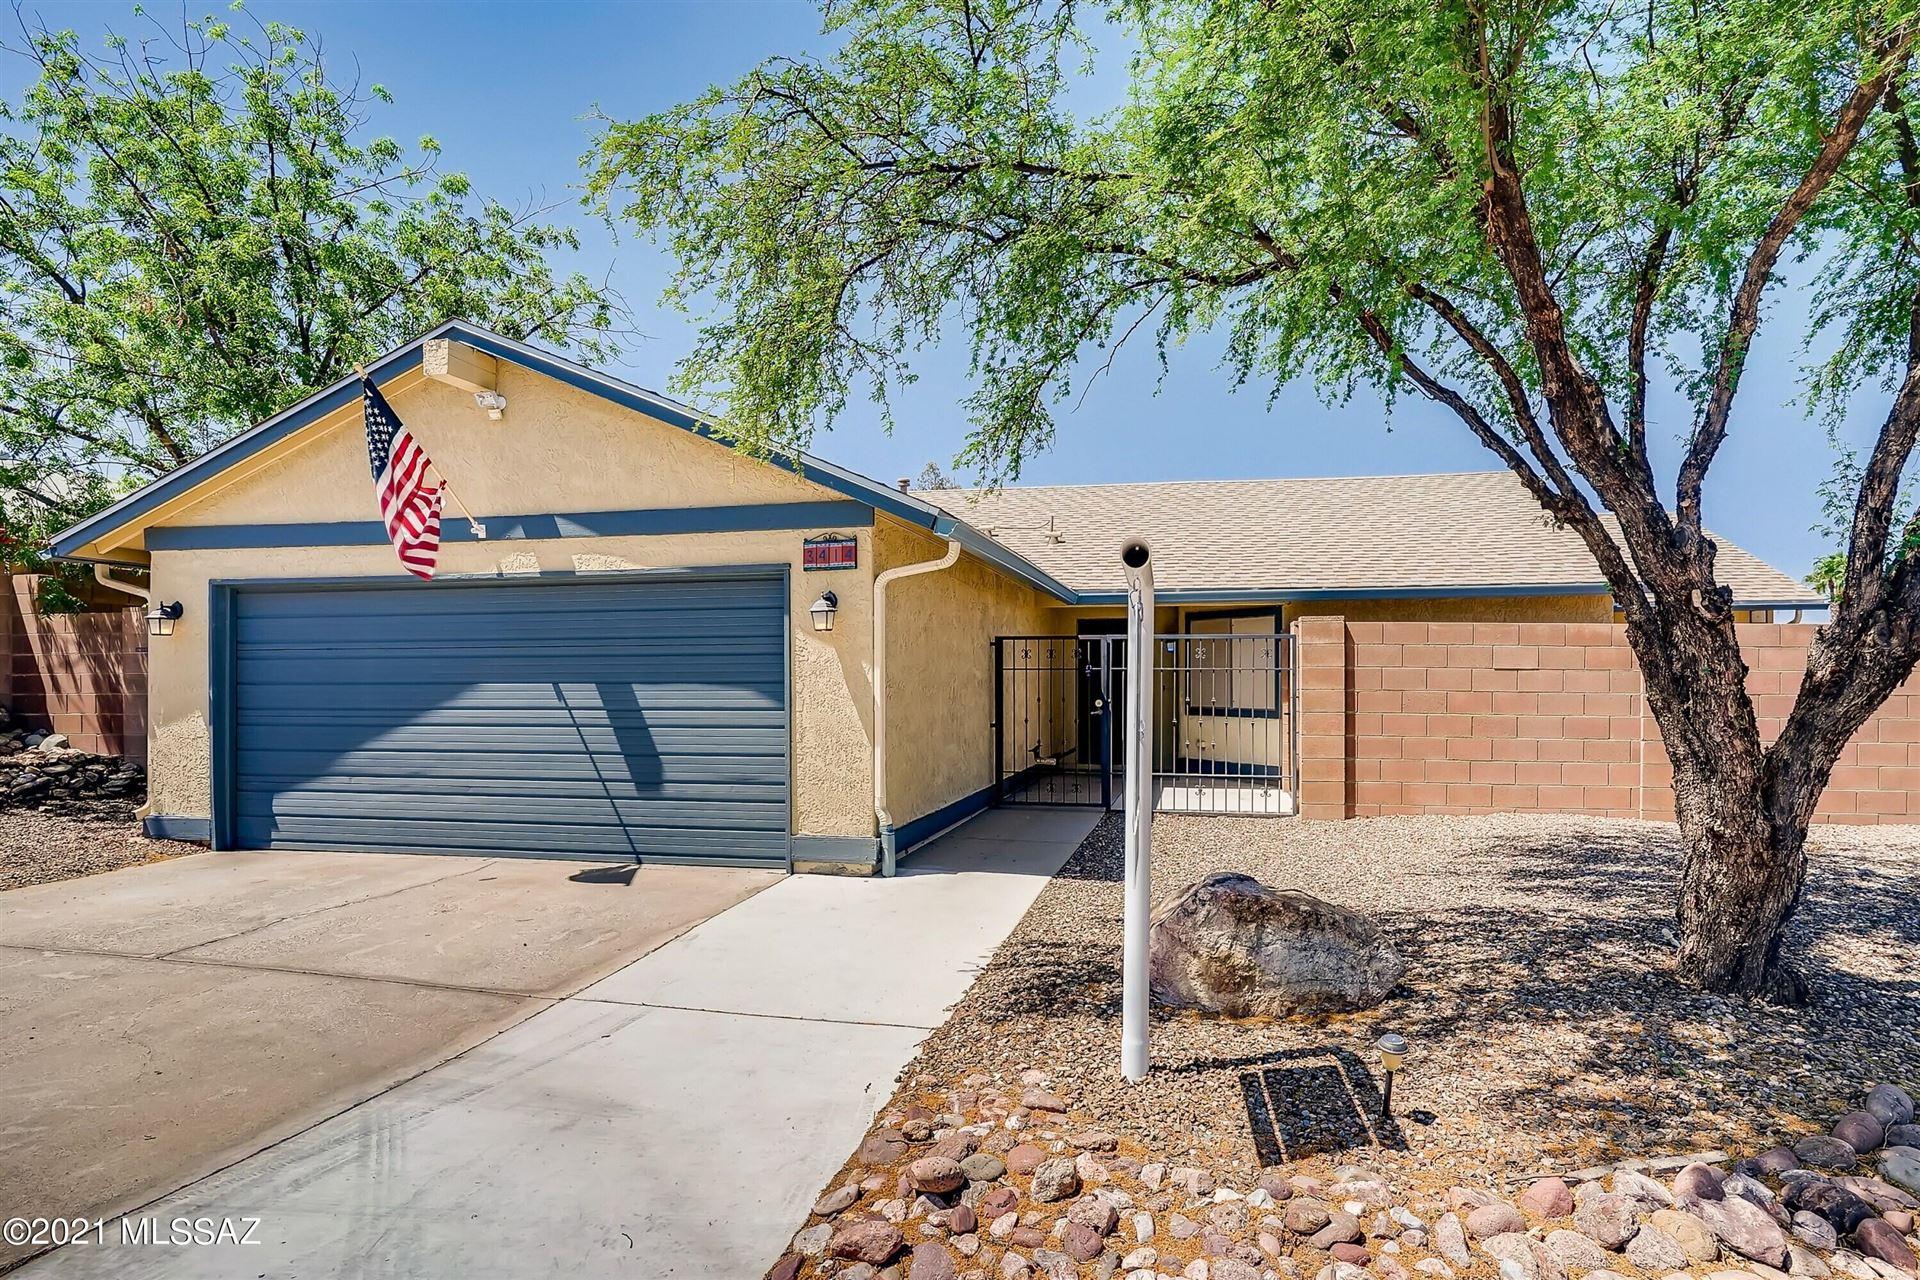 3414 S Marissa Drive, Tucson, AZ 85730 - MLS#: 22111606